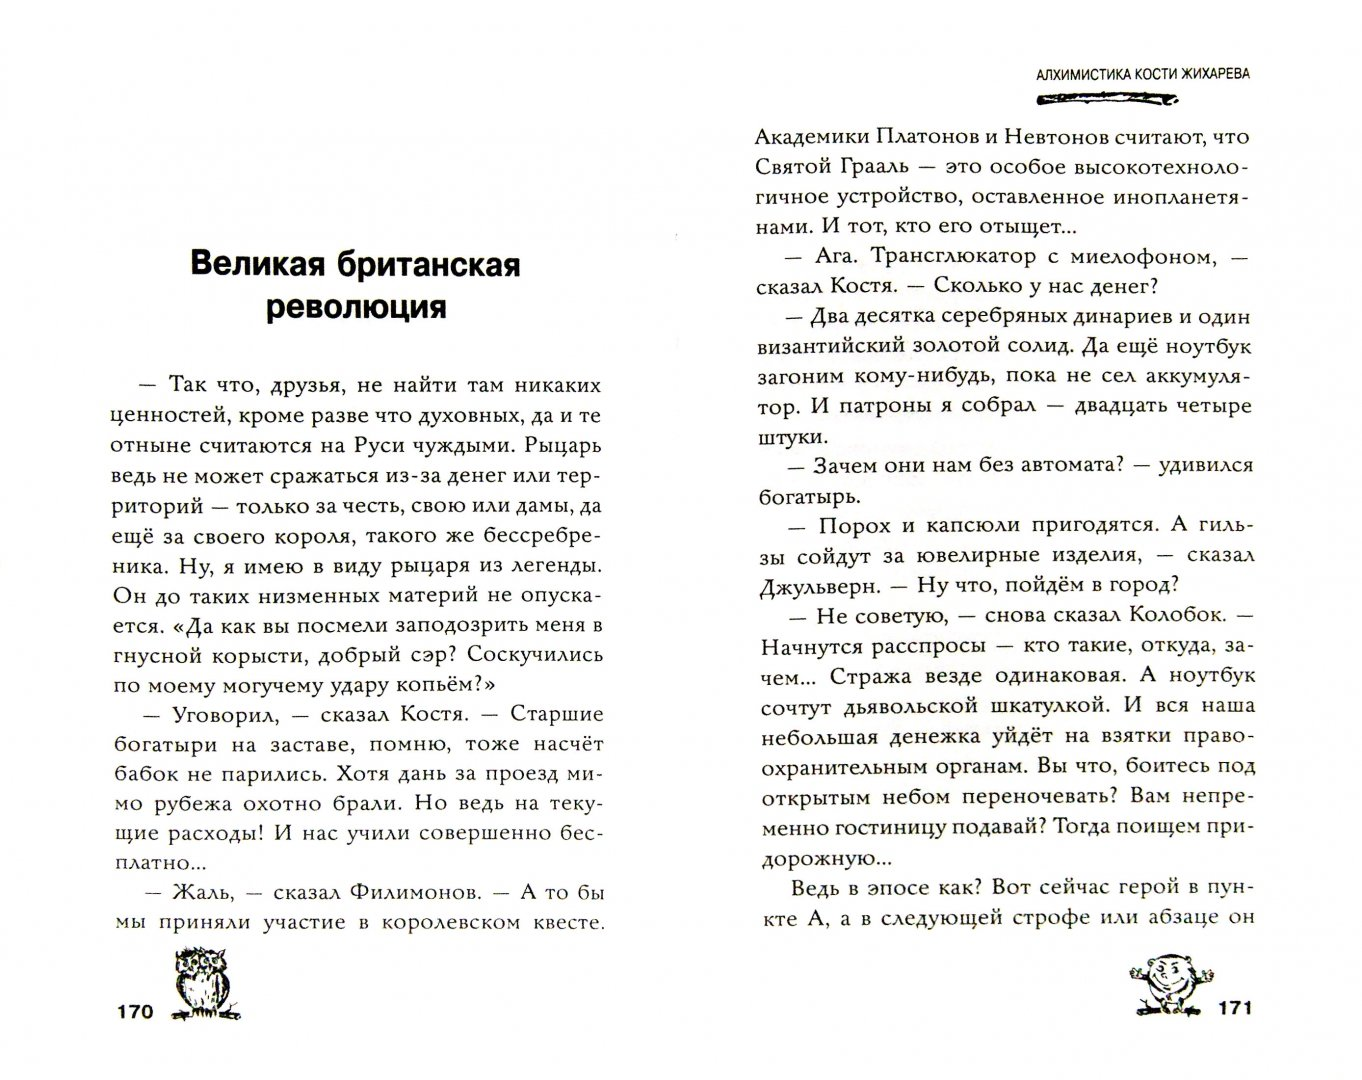 Иллюстрация 1 из 10 для Алхимистика Кости Жихарева - Михаил Успенский | Лабиринт - книги. Источник: Лабиринт